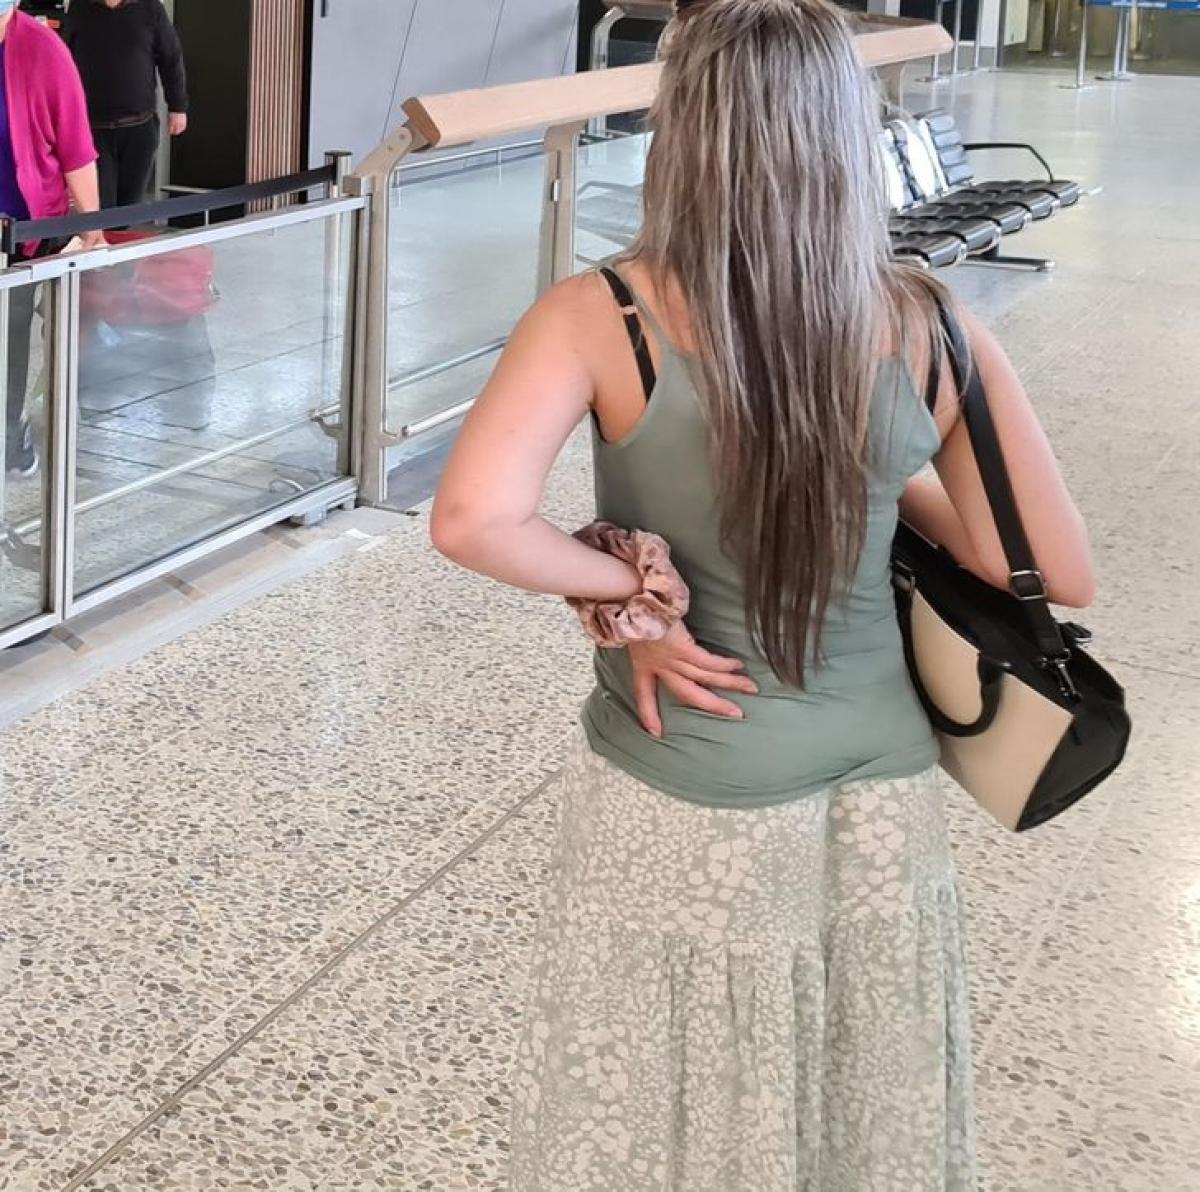 Cô gái trông như chỉ có phần thân trên bởi bộ váy dễ lẫn với nền gạch./.